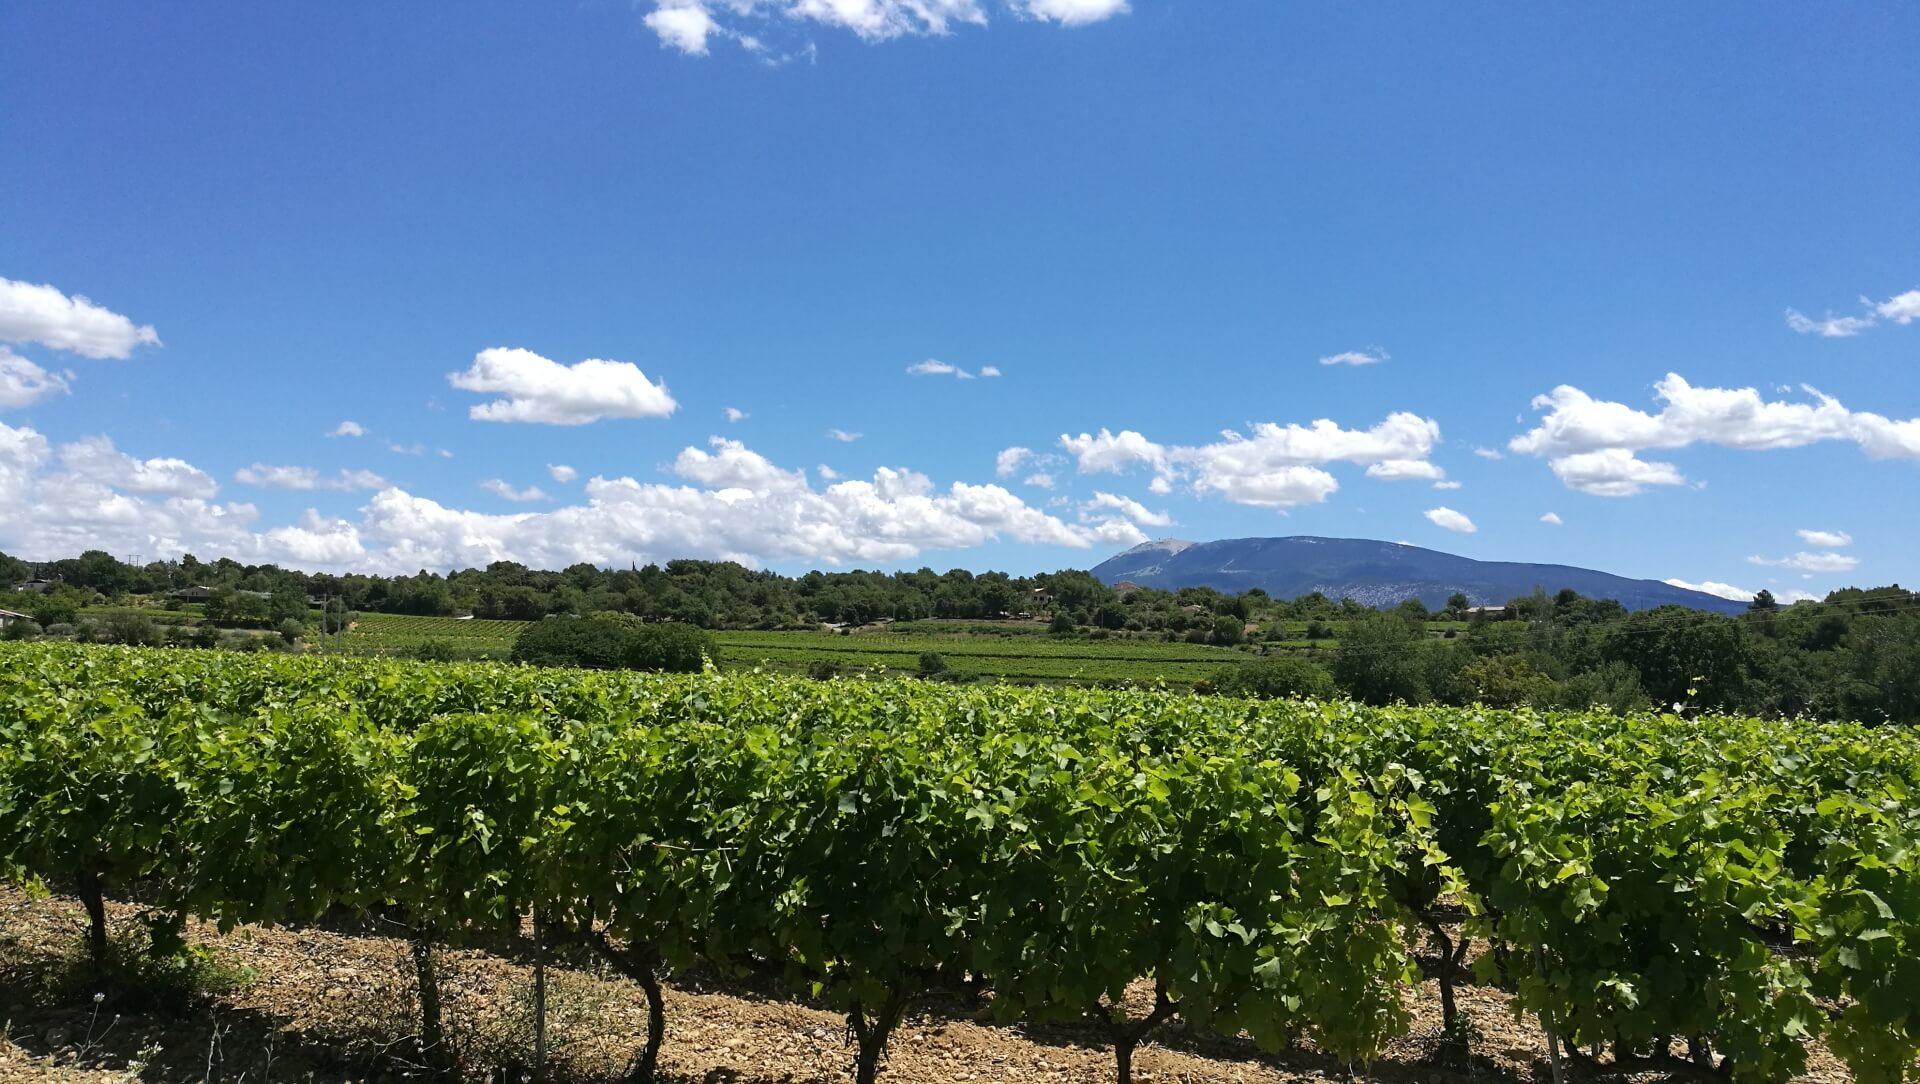 Un vignoble des Côtes-du-Rhône avec le Mont Ventoux en arrière fond